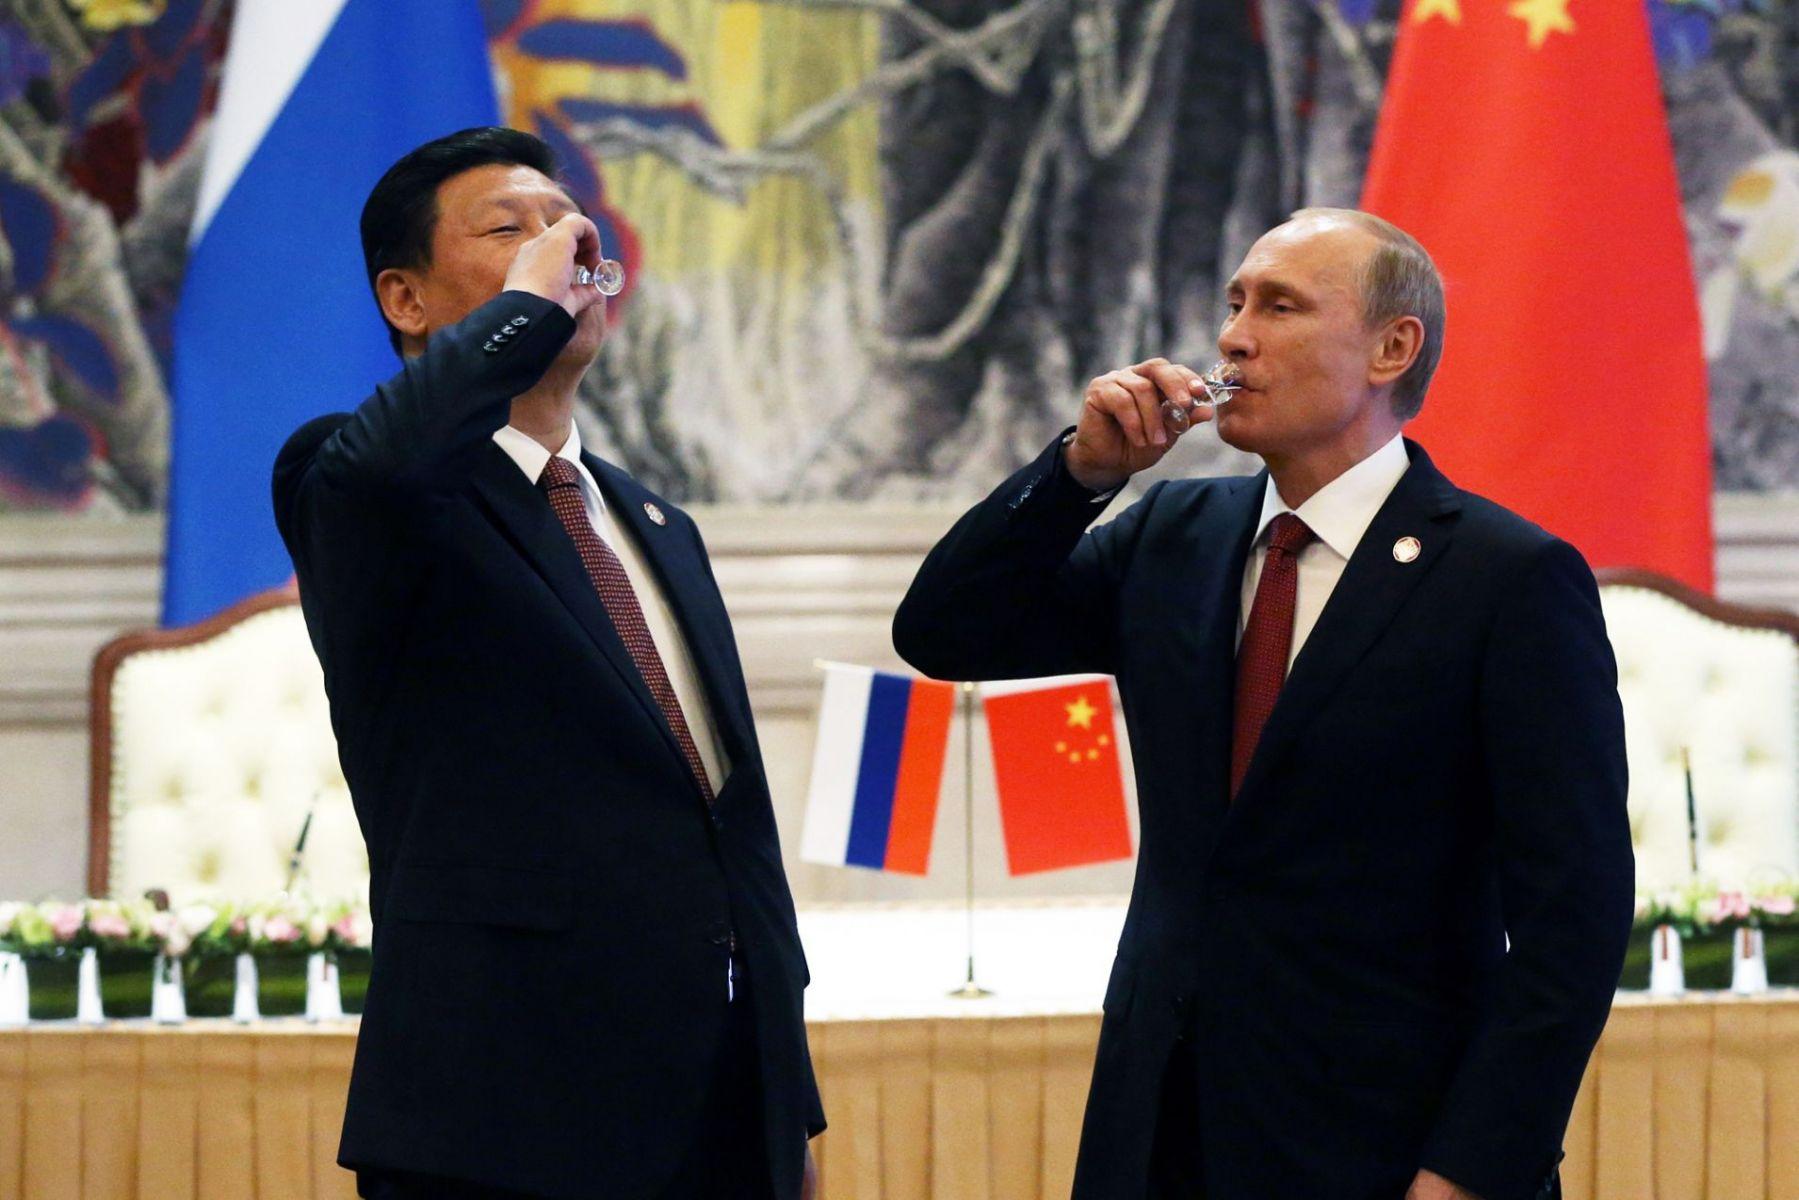 Президент і головний виконавчий директор Атлантичної ради: Китай і Росію потрібно стимулювати до альянсу із Заходом